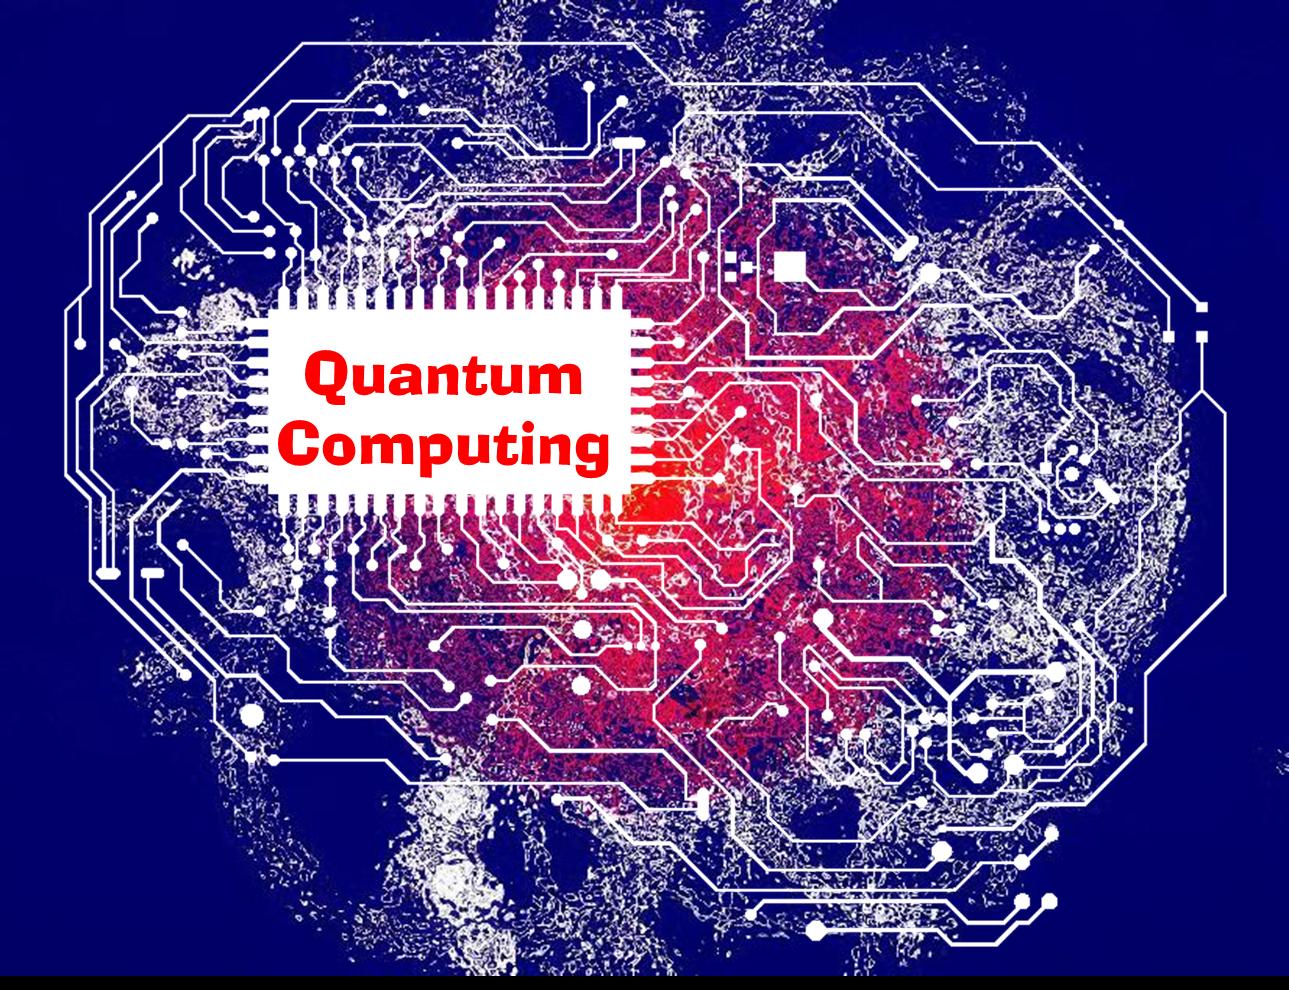 quantum.png (2.06 MB)